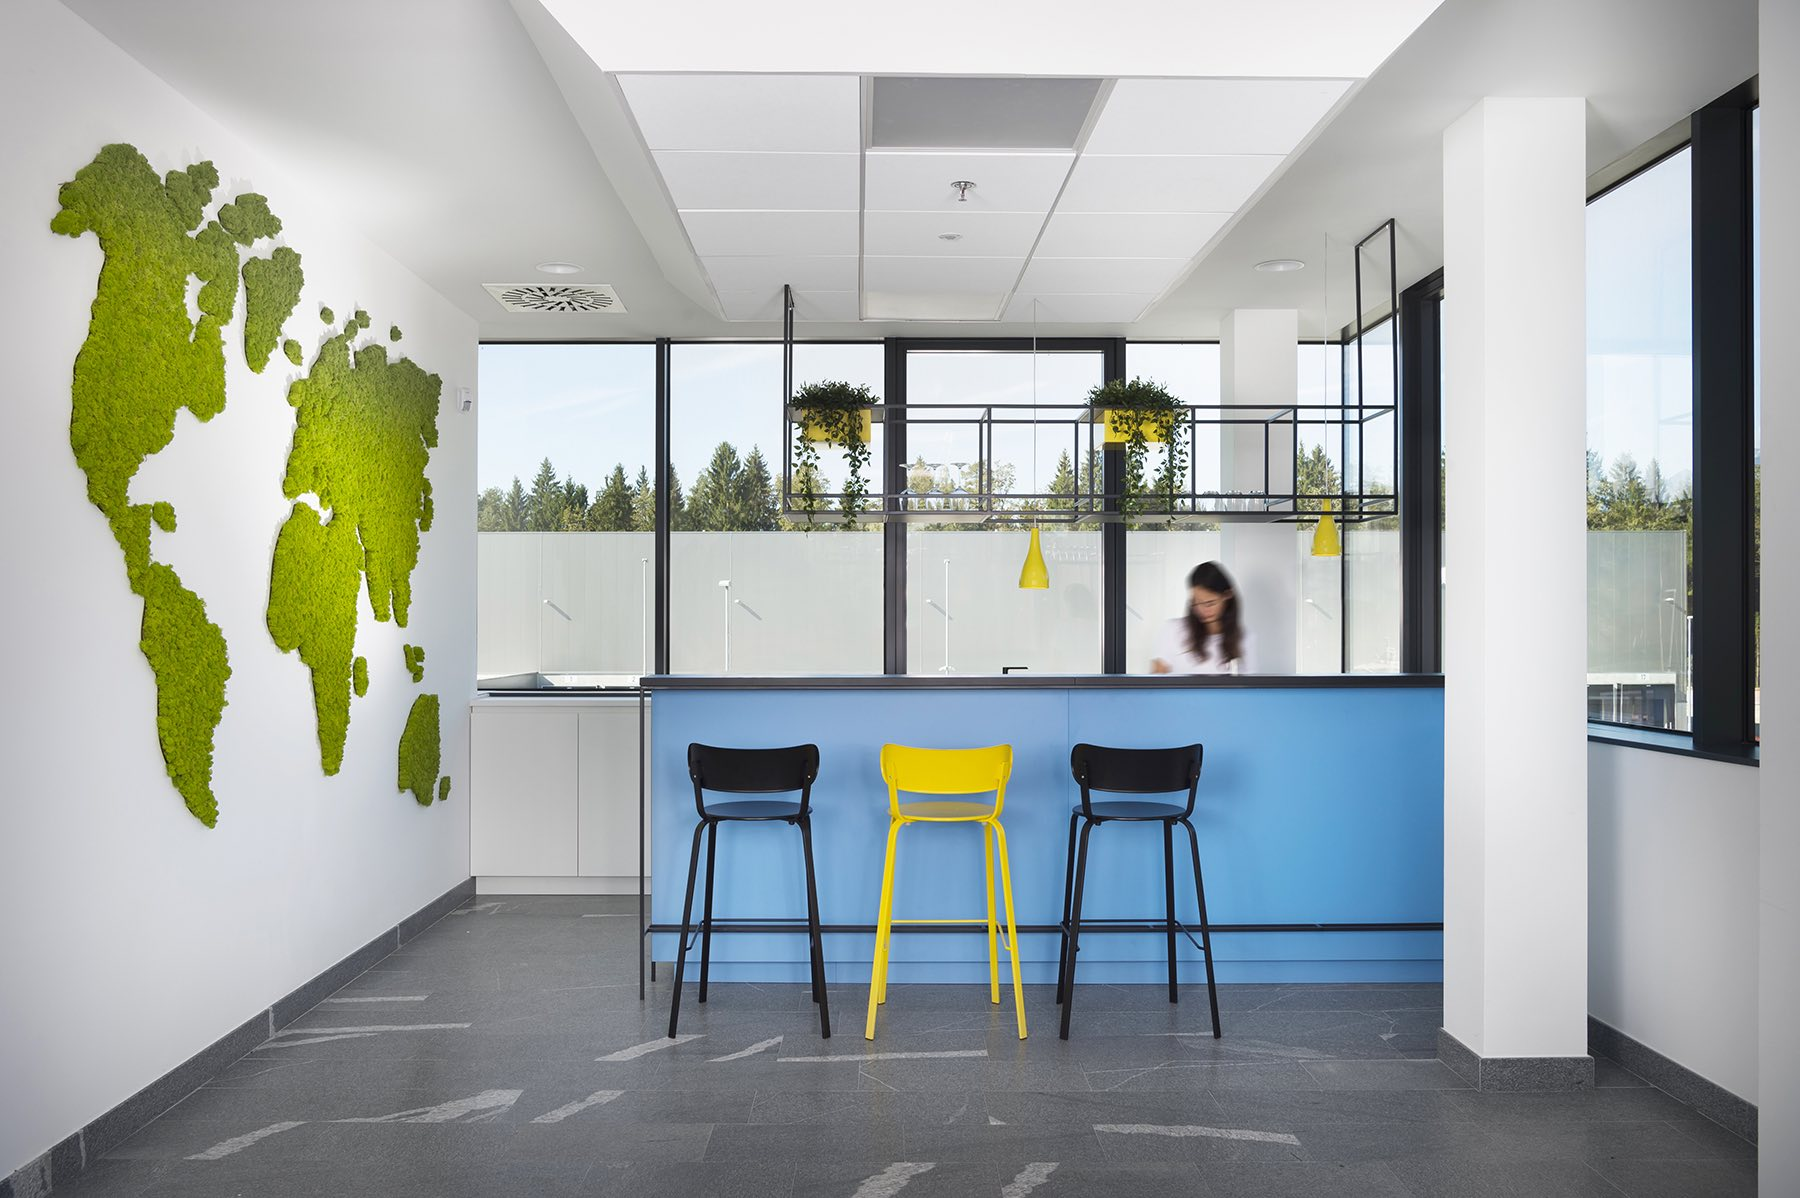 k-n-ljubljana-office-5